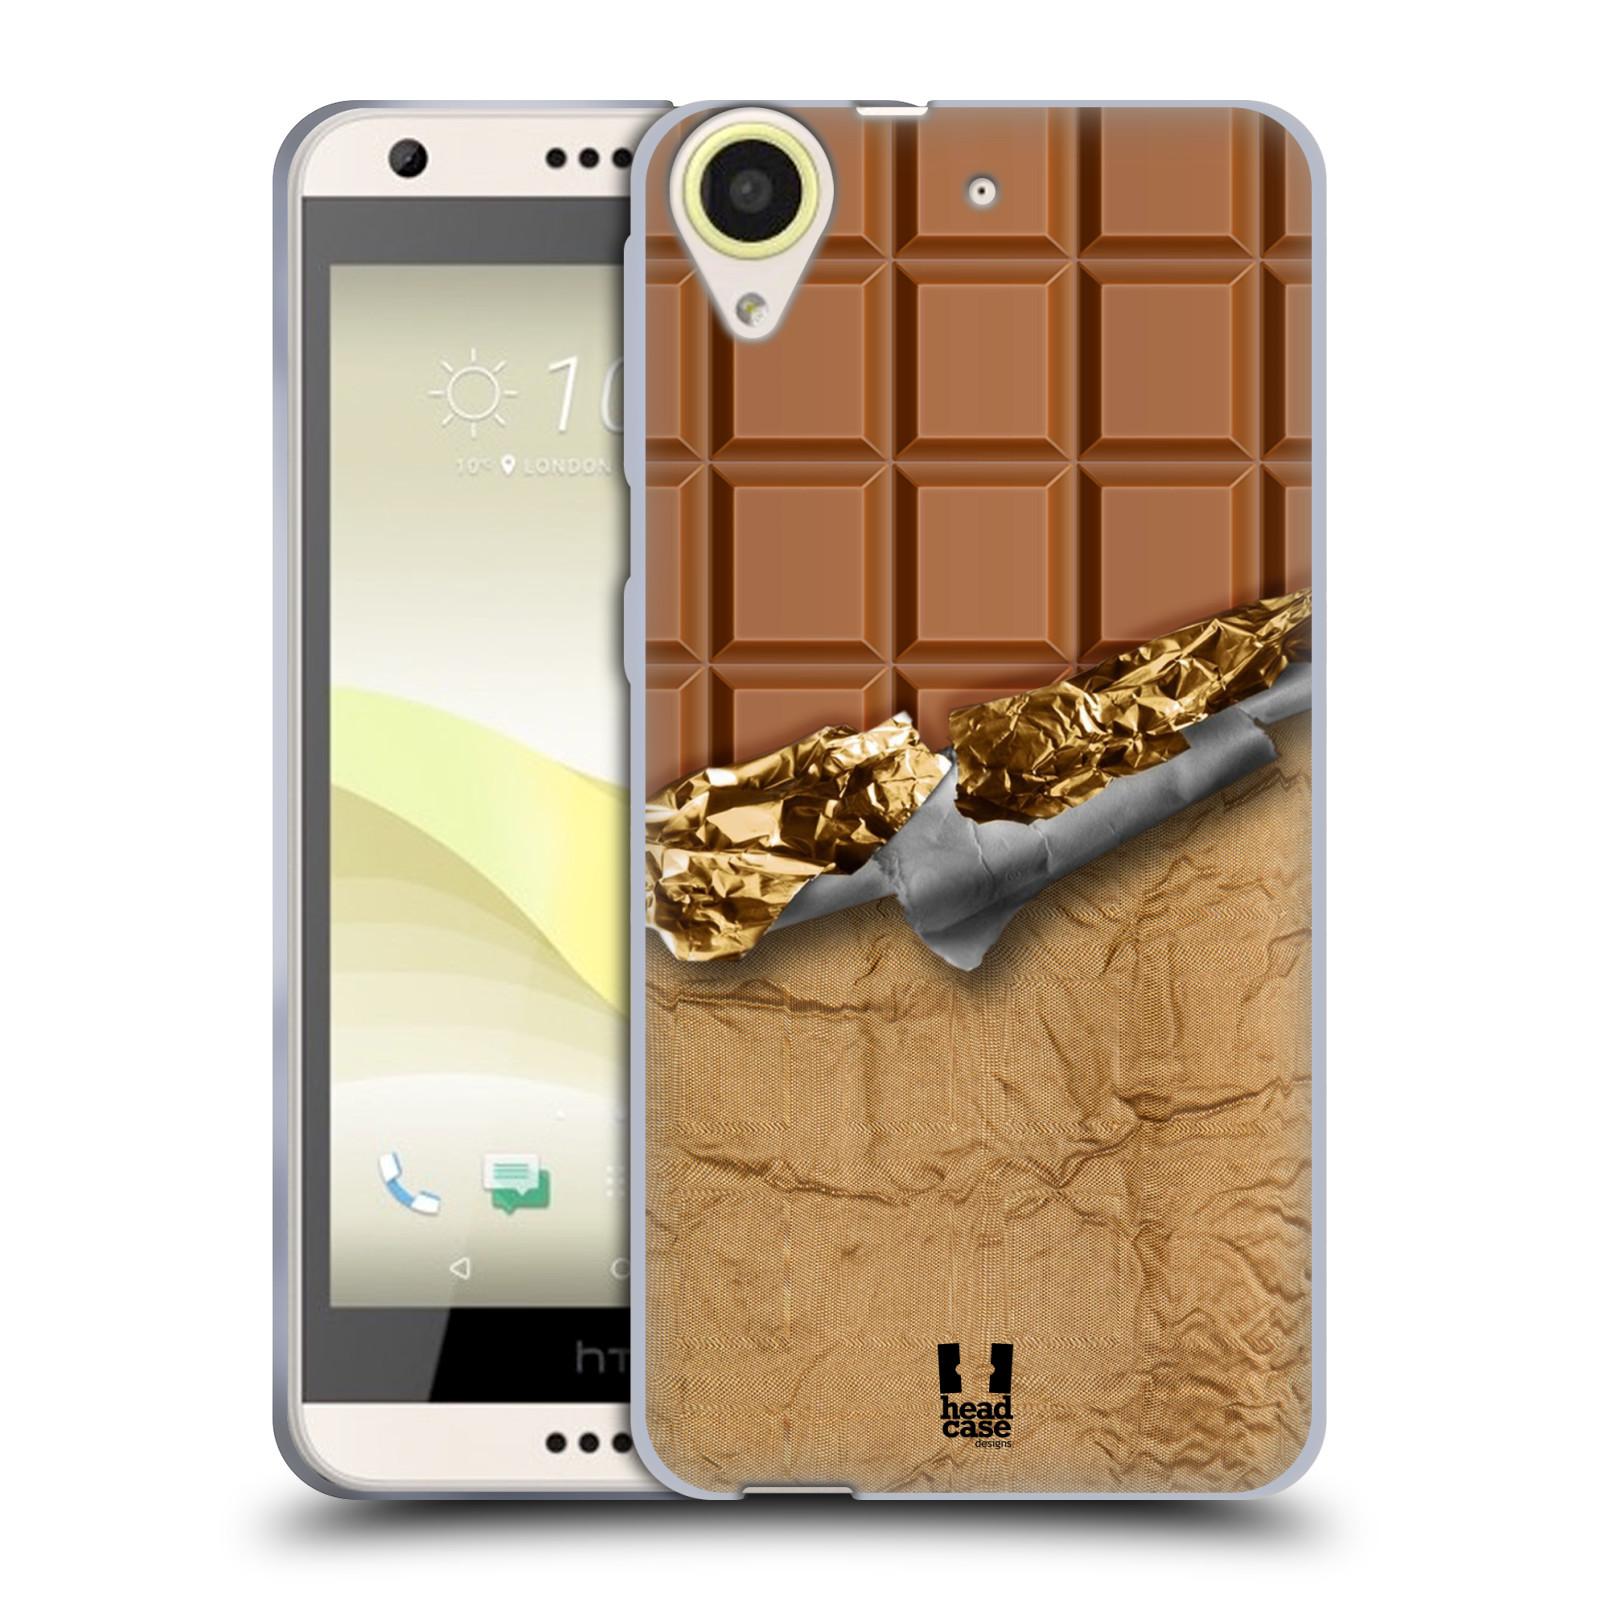 Silikonové pouzdro na mobil HTC Desire 650 HEAD CASE ČOKOFOILED (Silikonový kryt či obal na mobilní telefon HTC Desire 650)